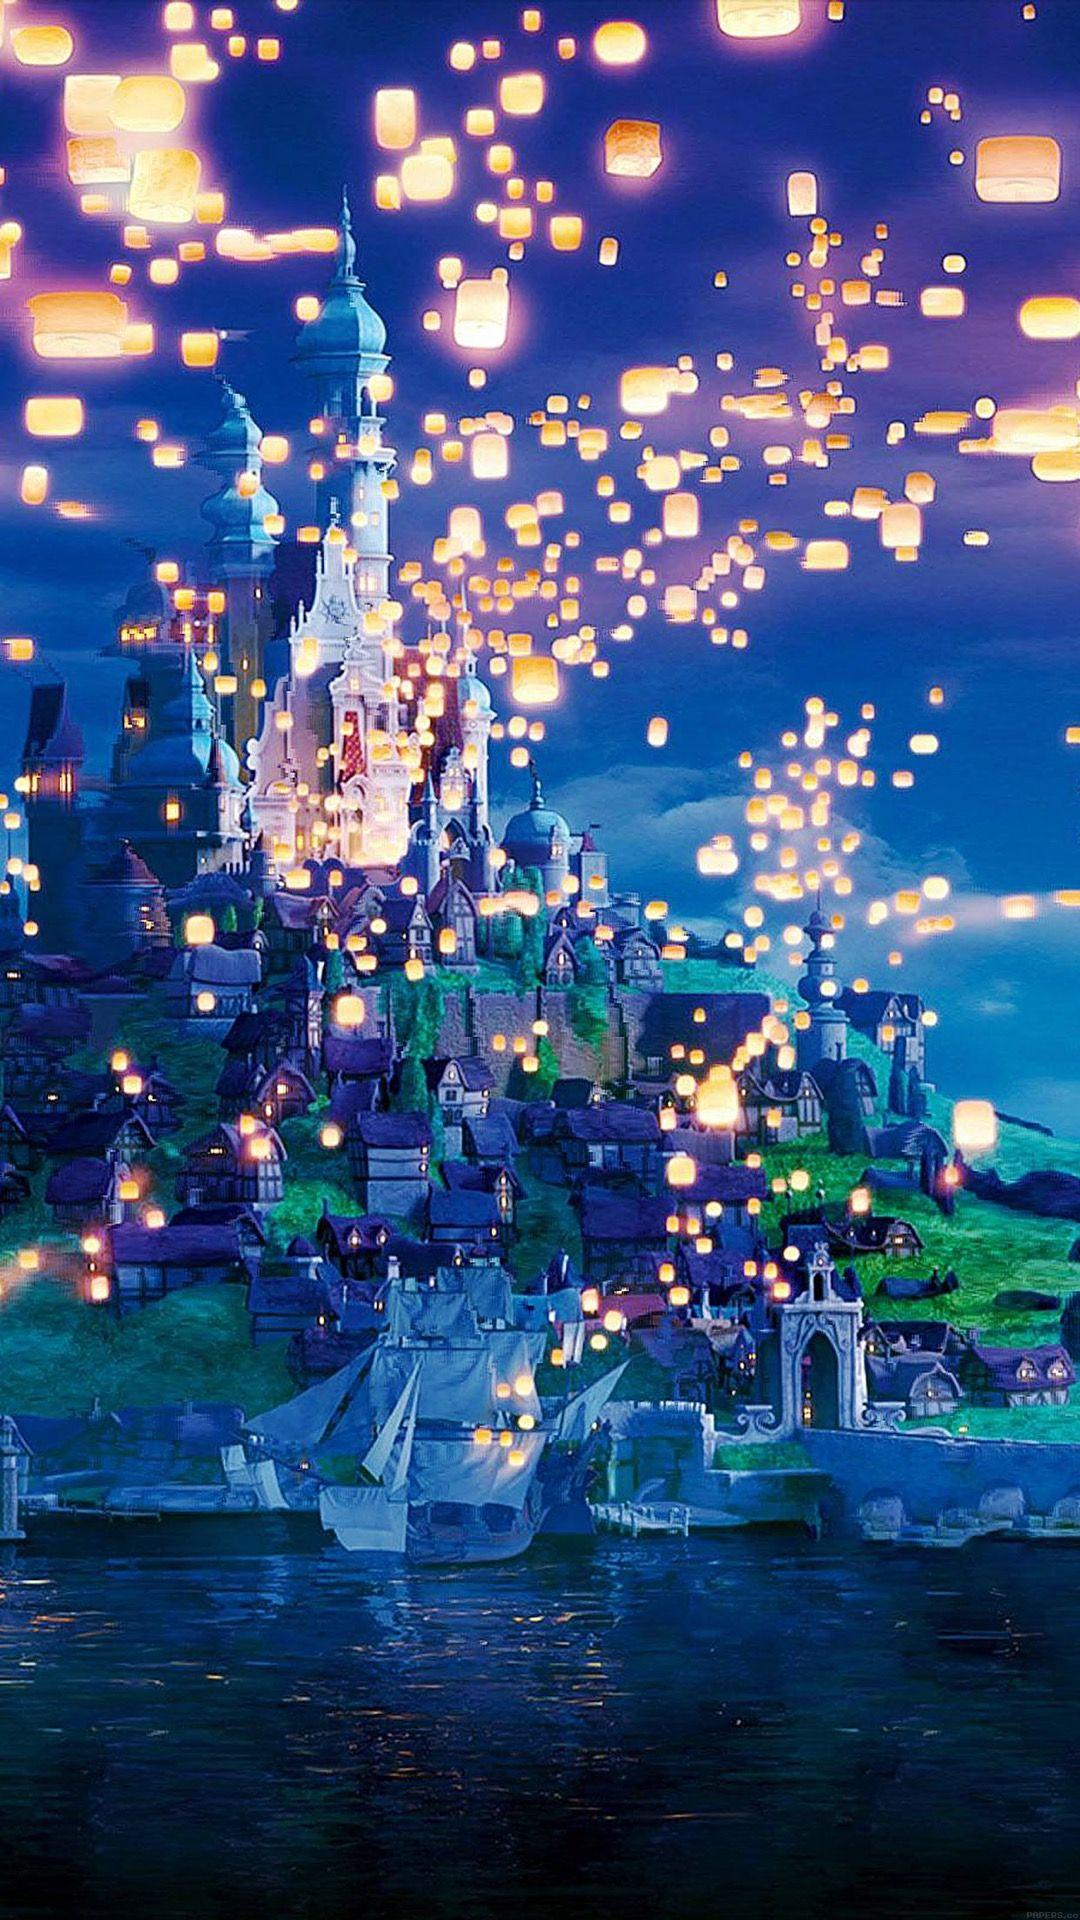 人気60位 ラプンツェル ディズニー背景のイラスト ランダム写真